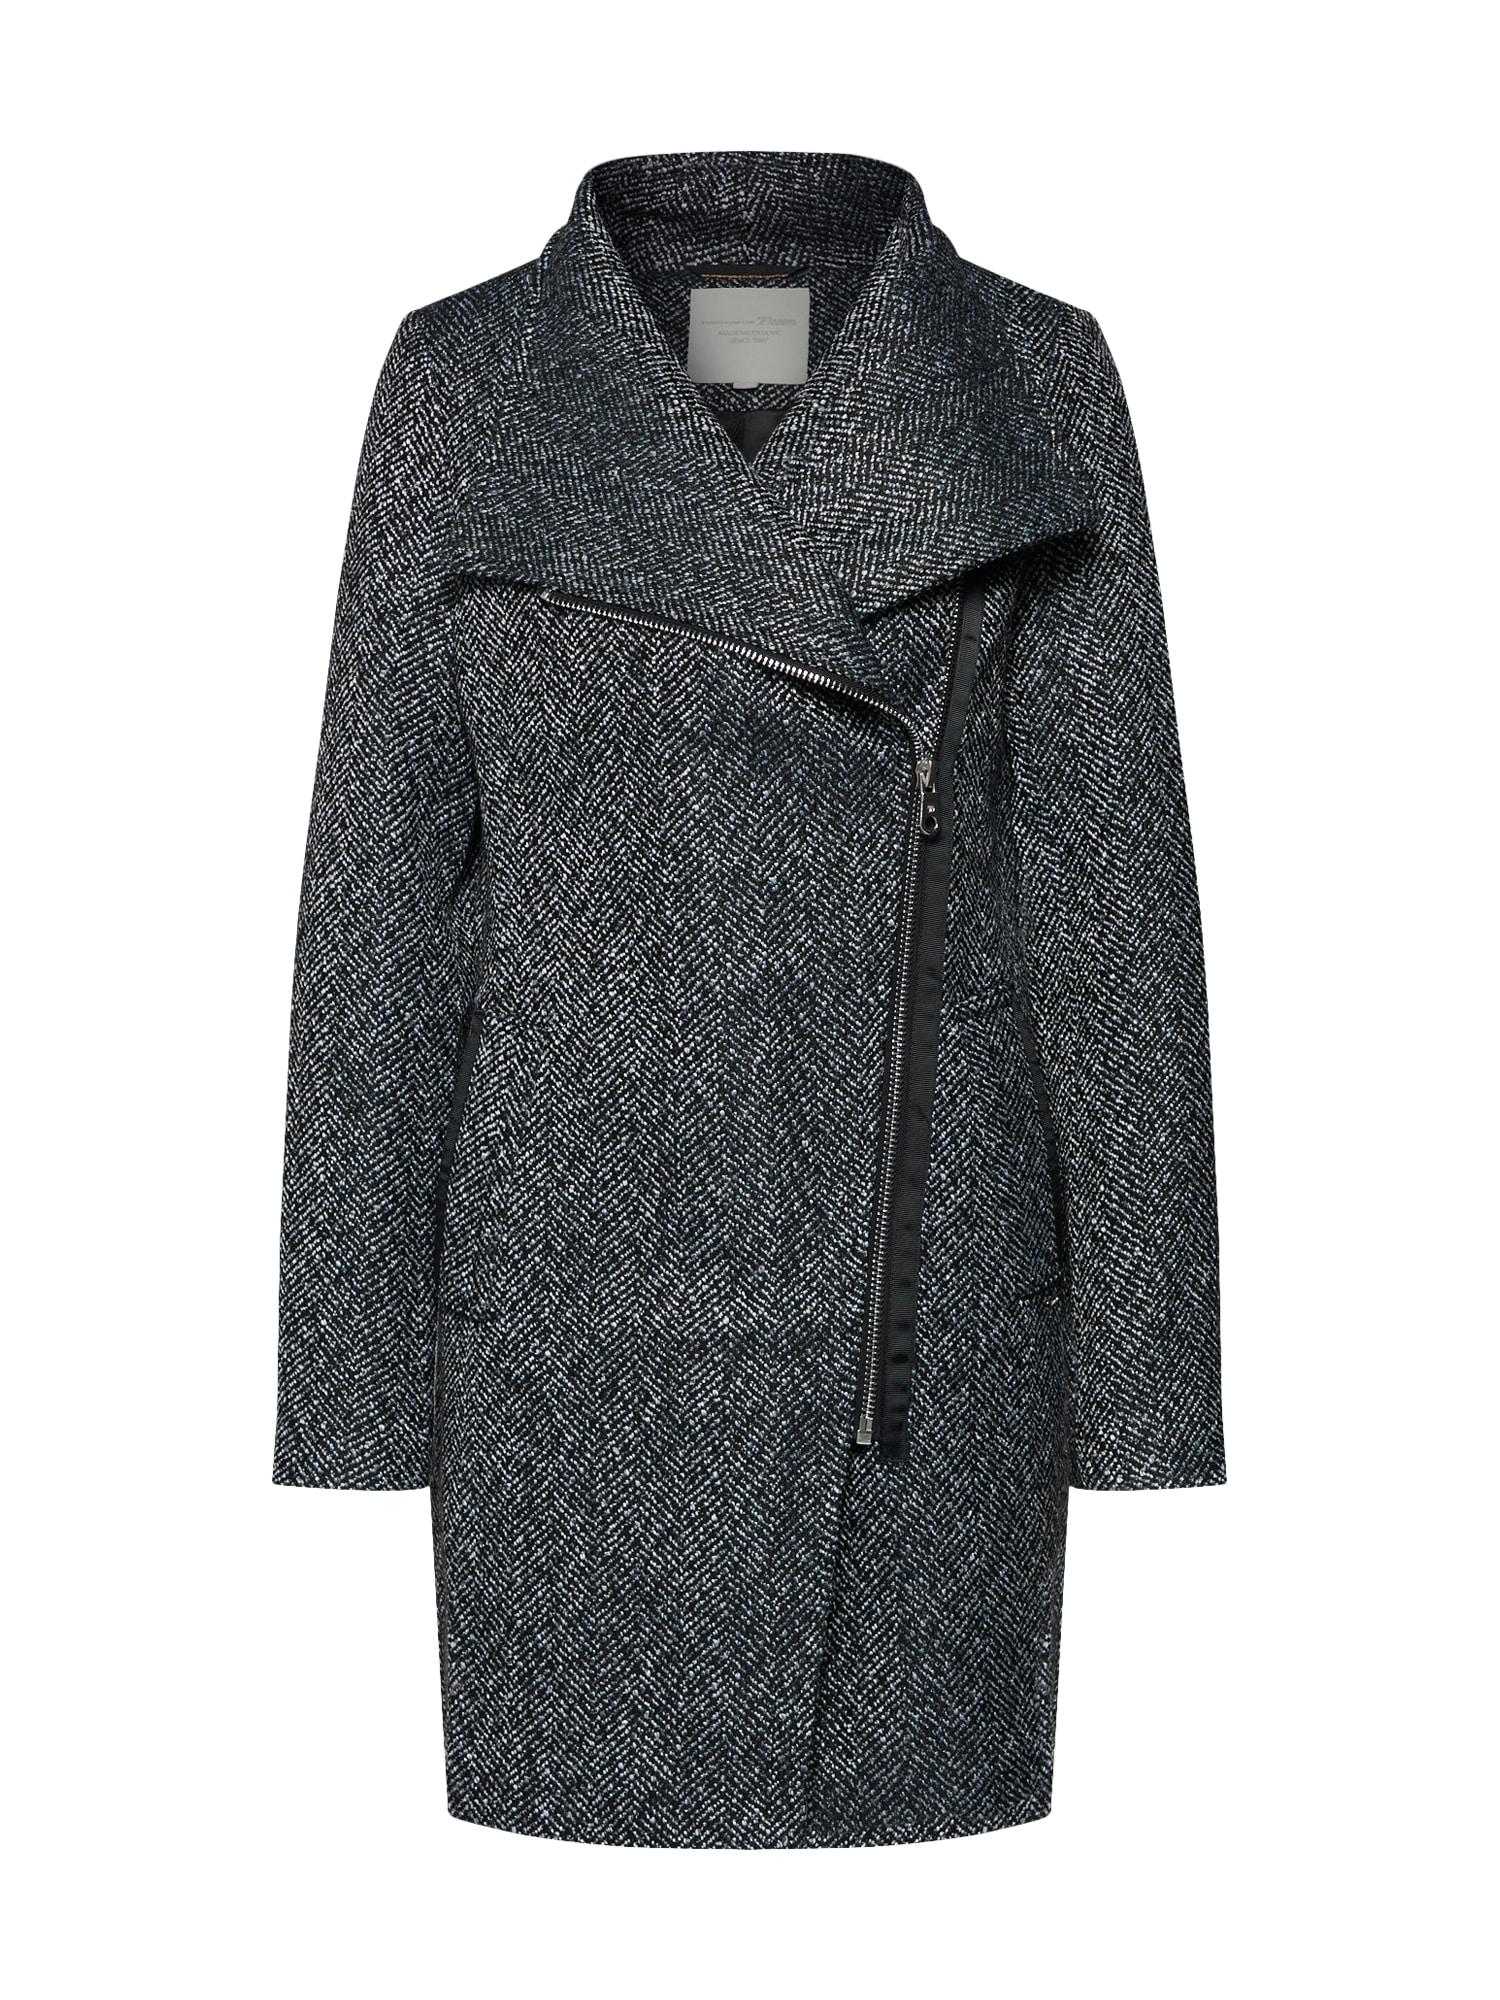 Přechodný kabát tmavě šedá TOM TAILOR DENIM